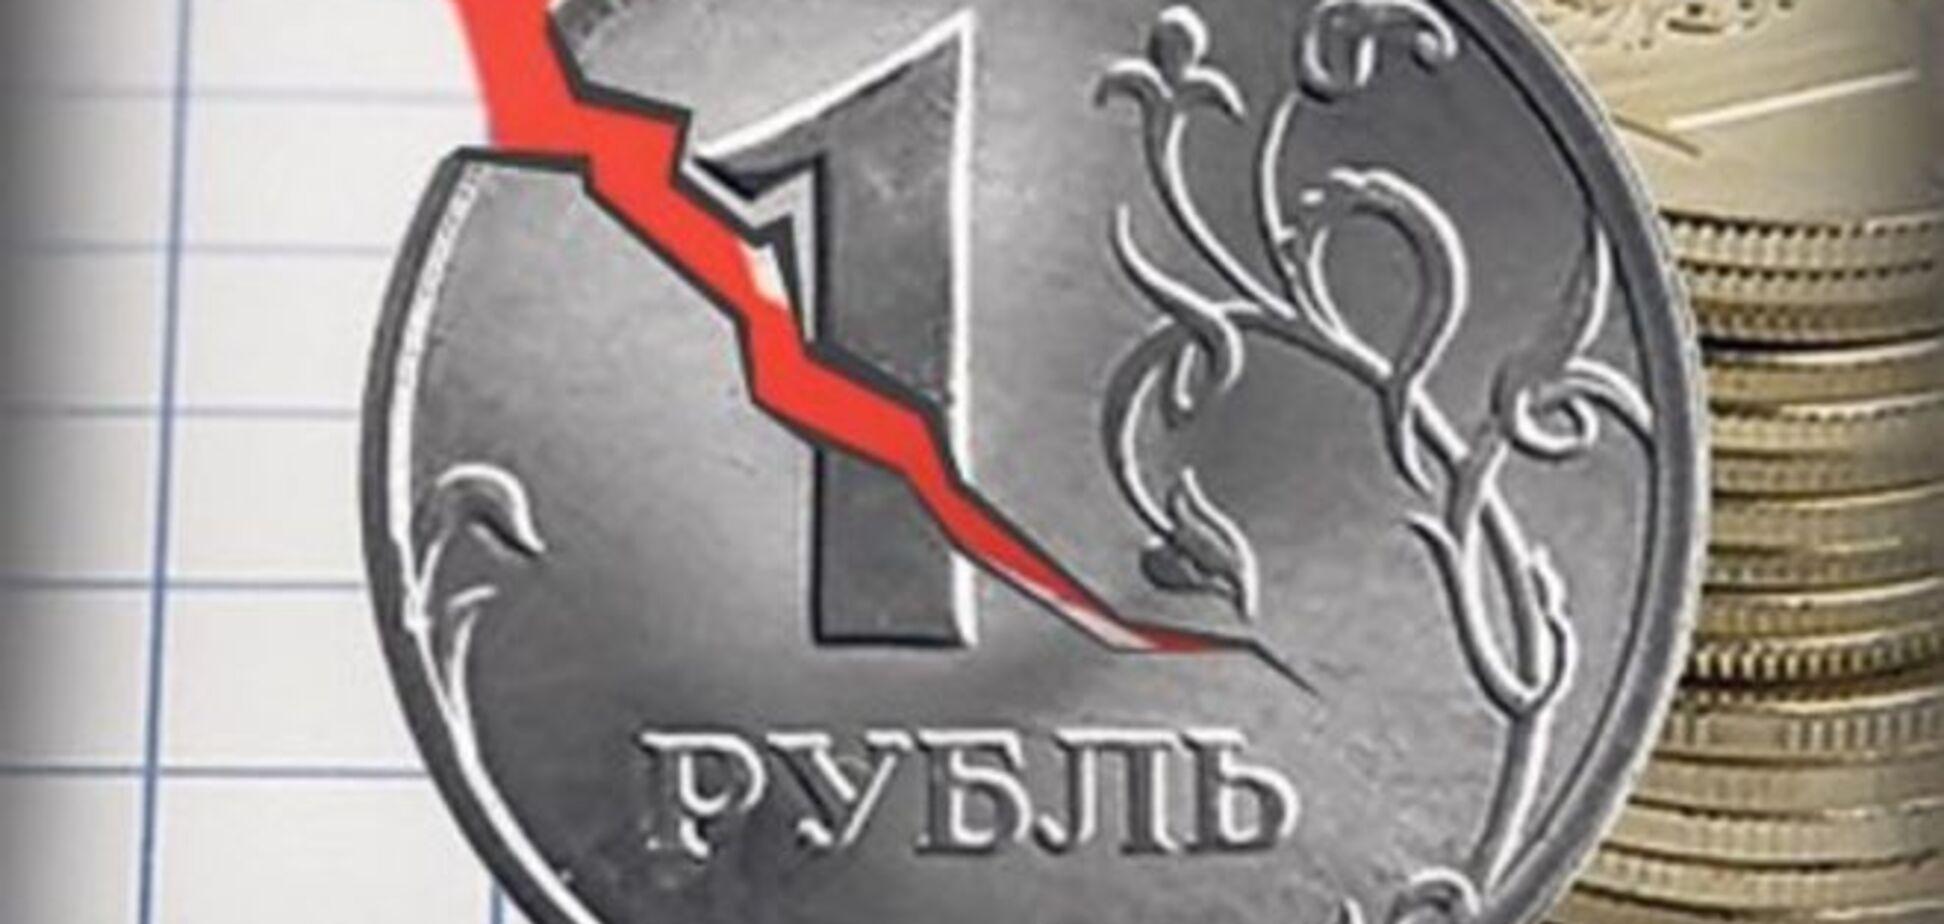 Через політику Путіна долар скоро коштуватиме 150 рублів - економіст